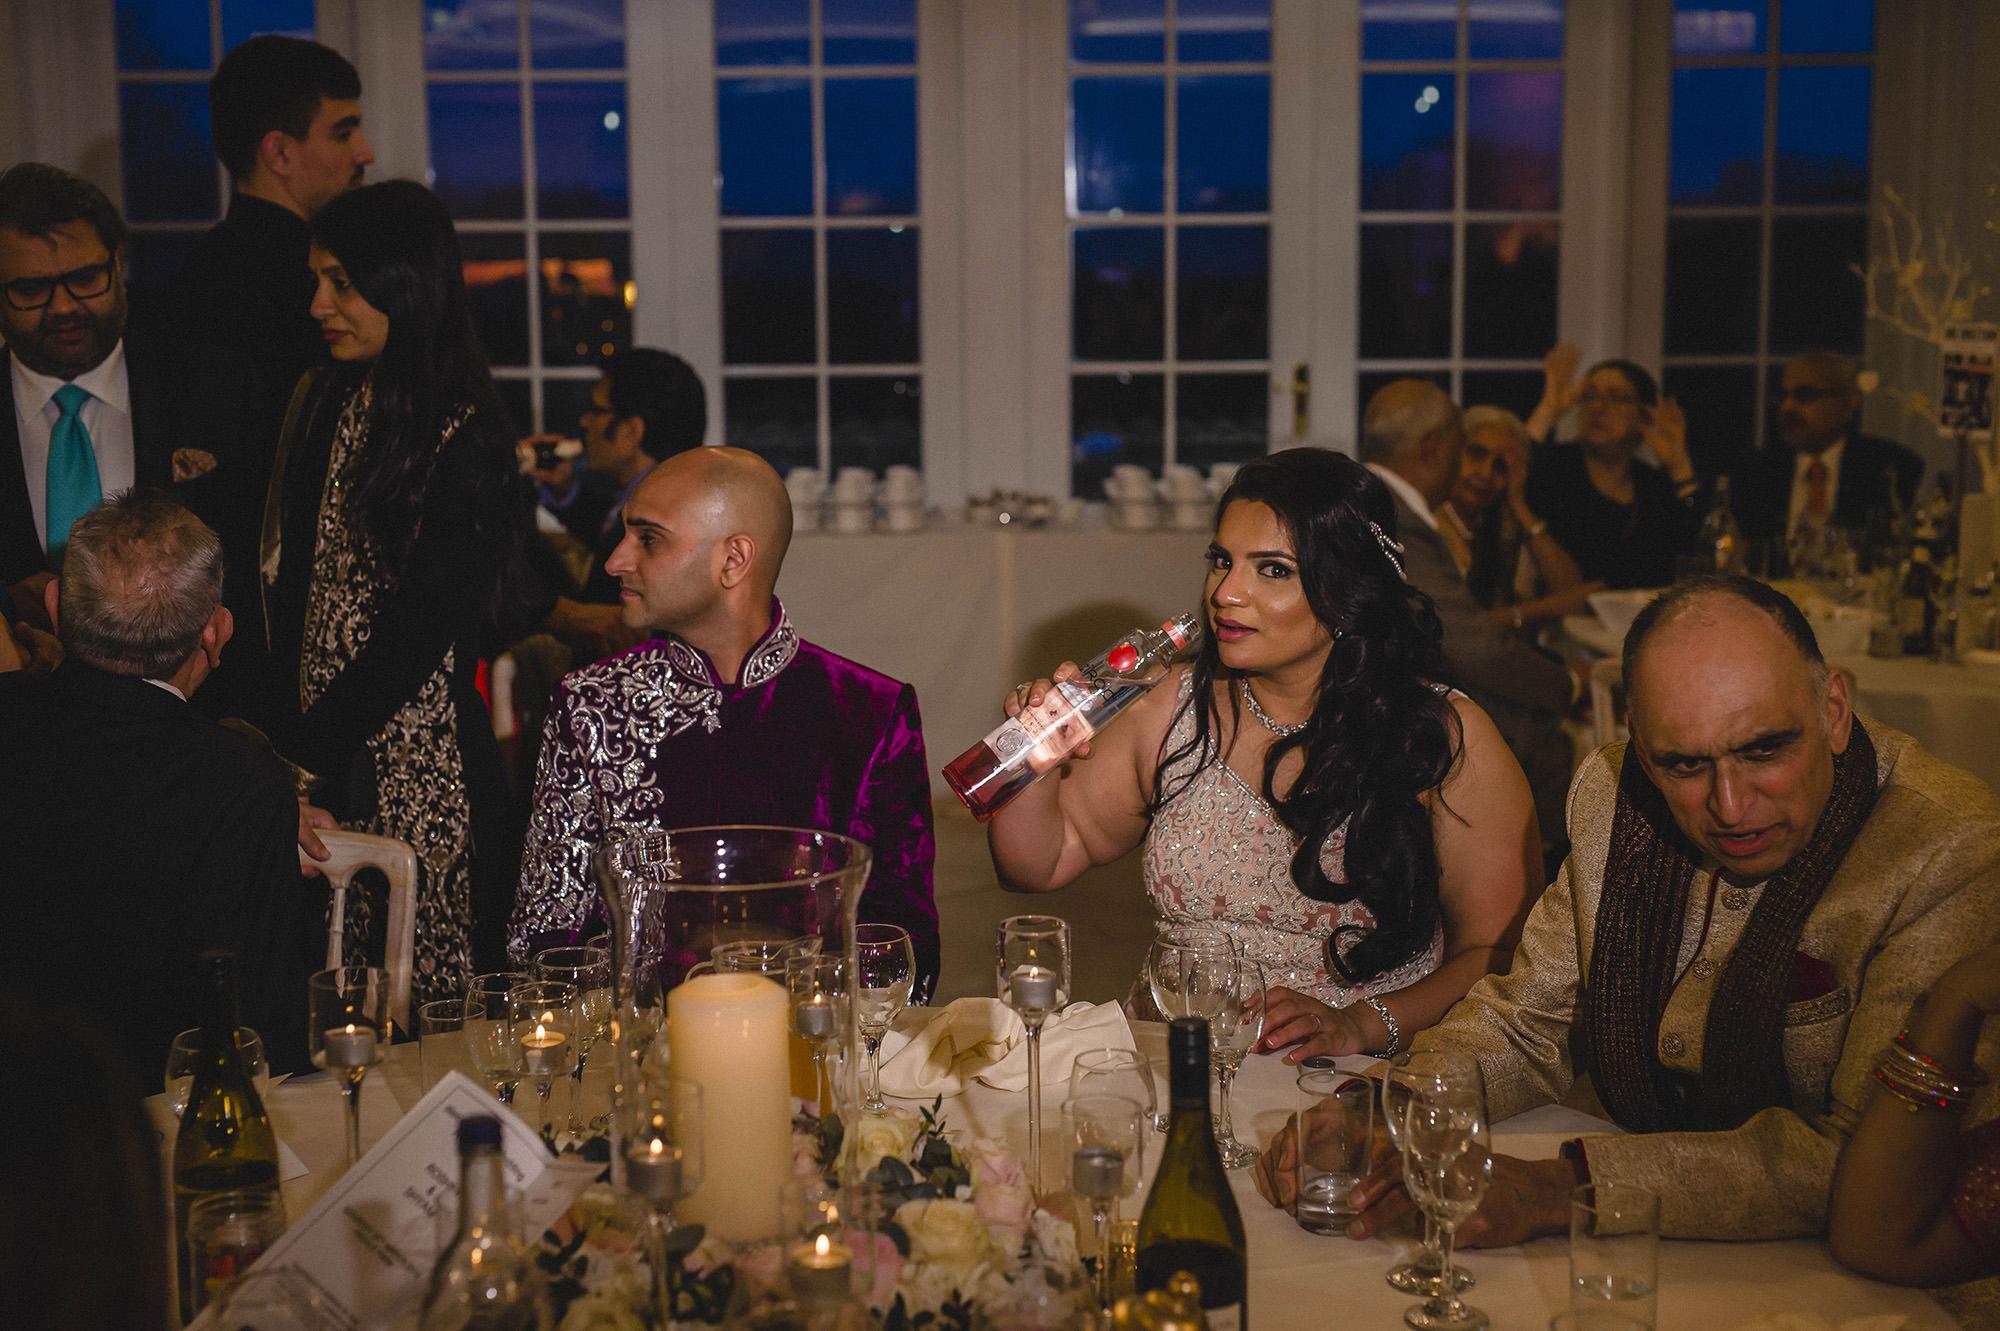 bride drinking vodka during her wedding reception